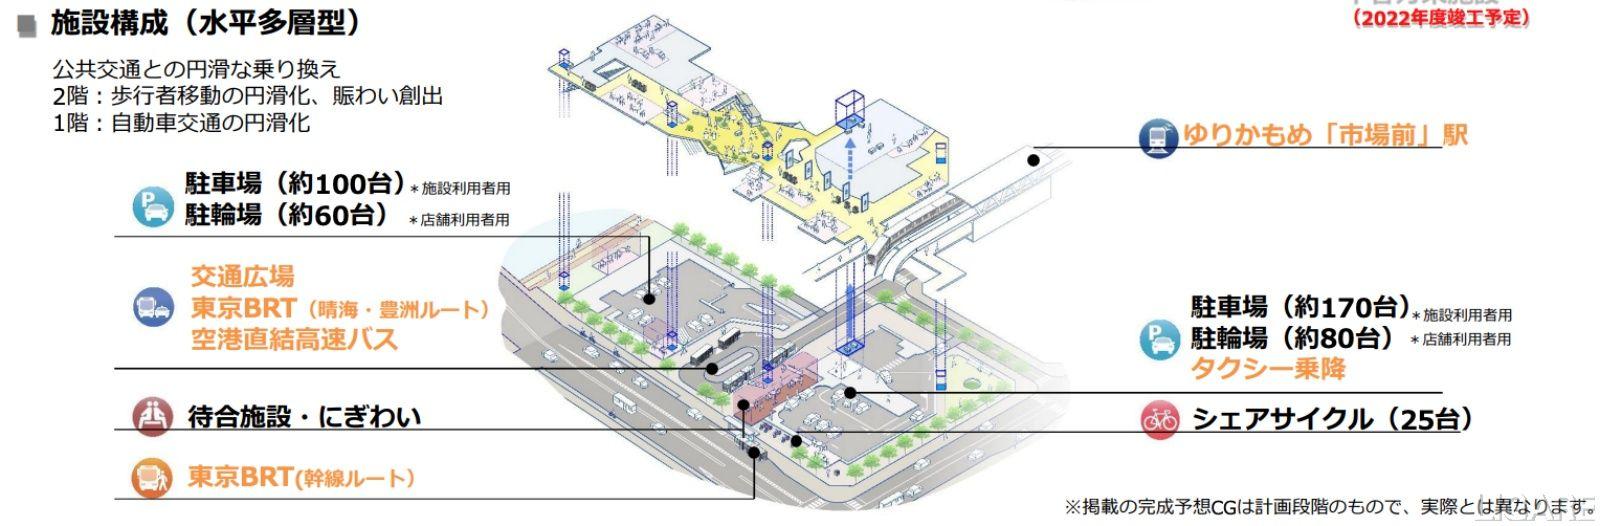 交通結節点の構成